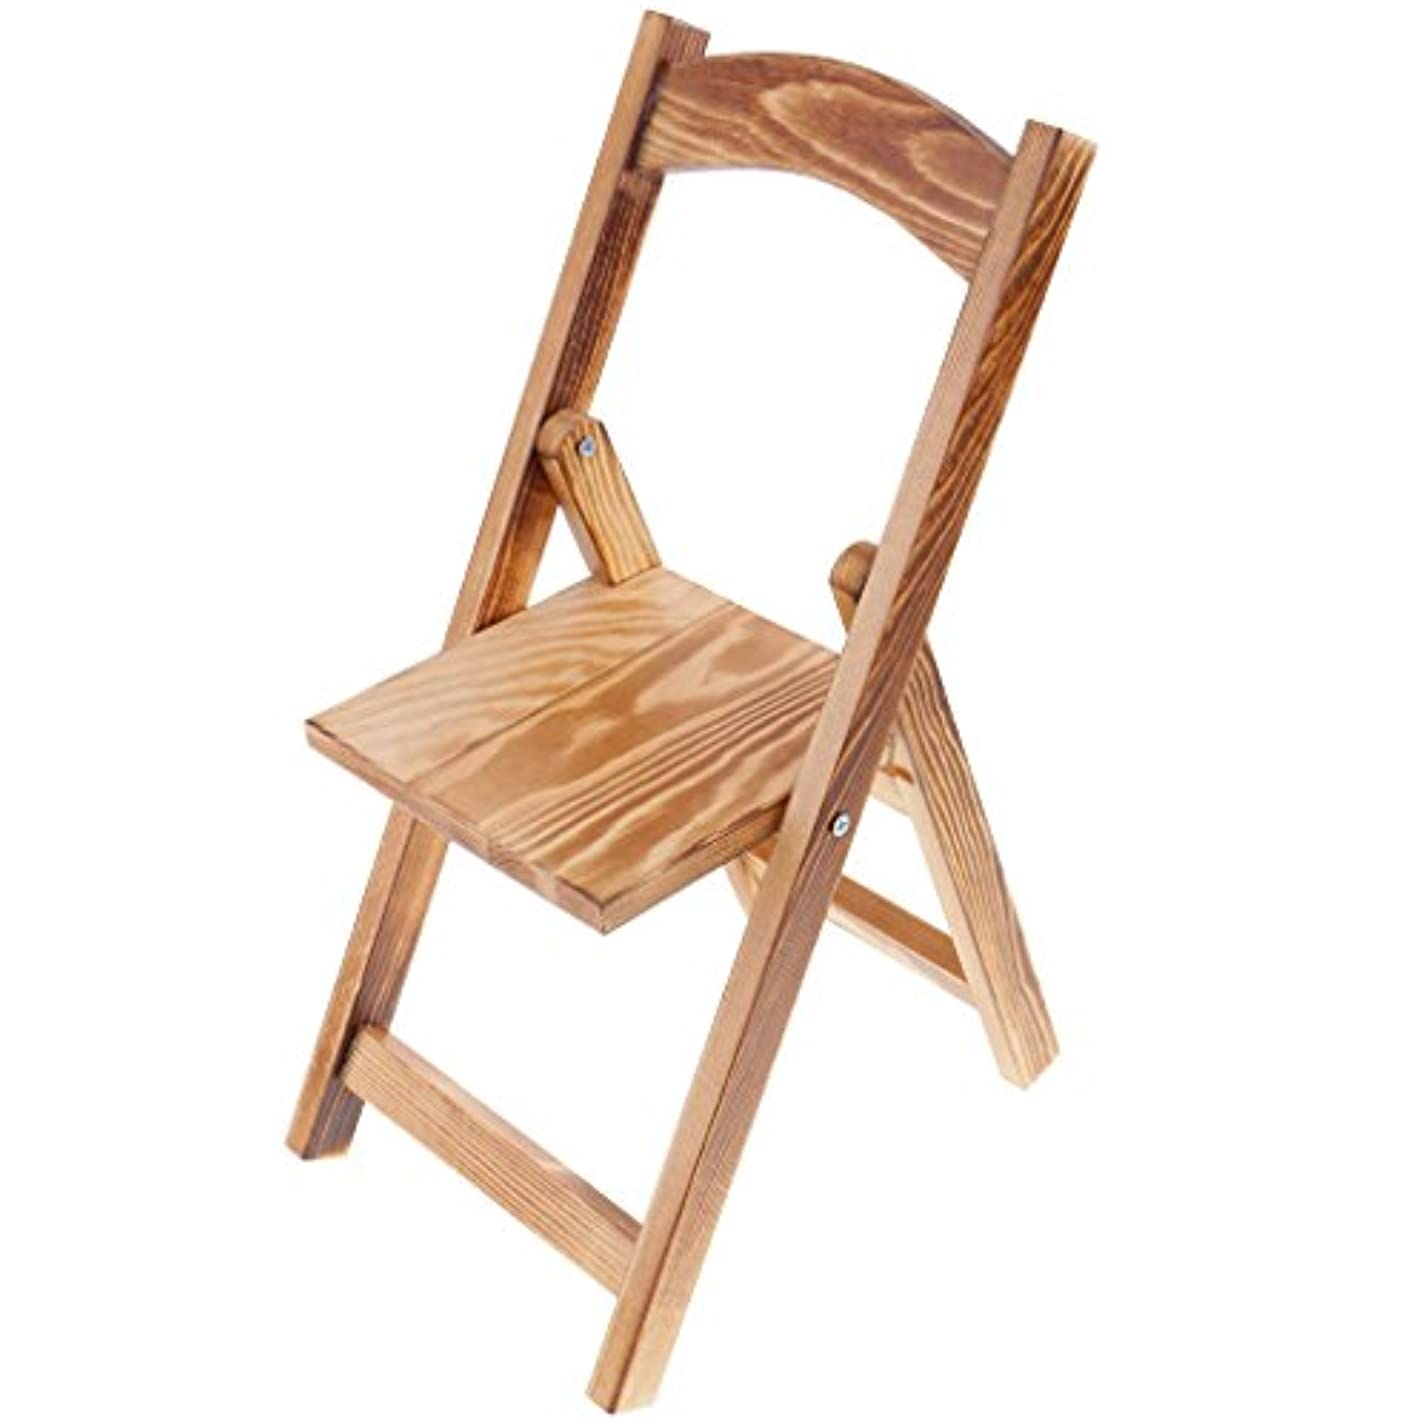 複製鼓舞する風邪をひくDovewill  1/3スケール BJDドール適用 人形 木製 折り畳み 椅子